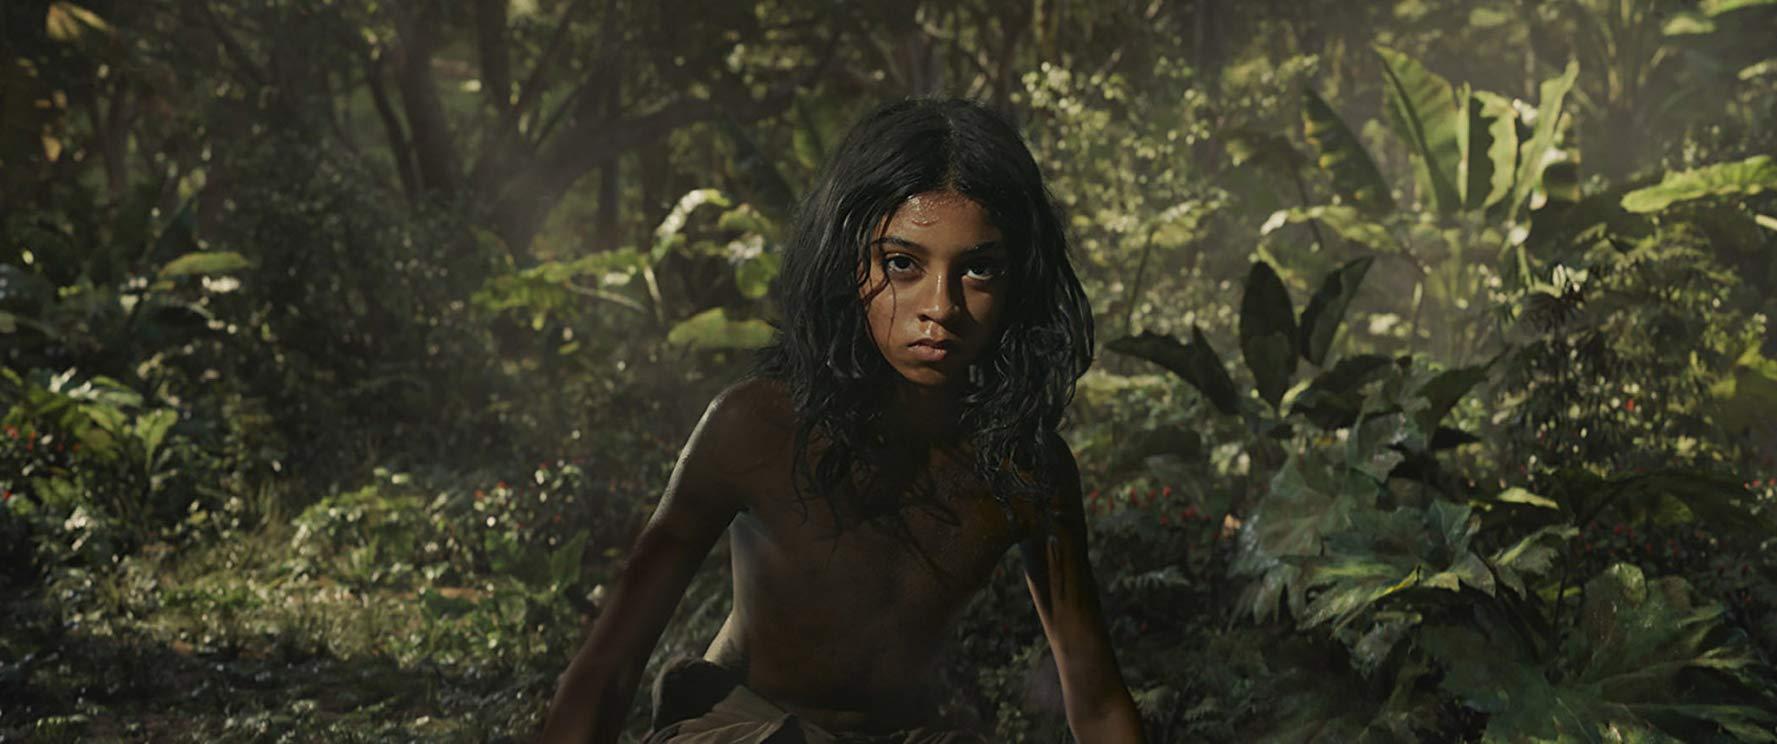 Mowgli: Legend of the Jungle